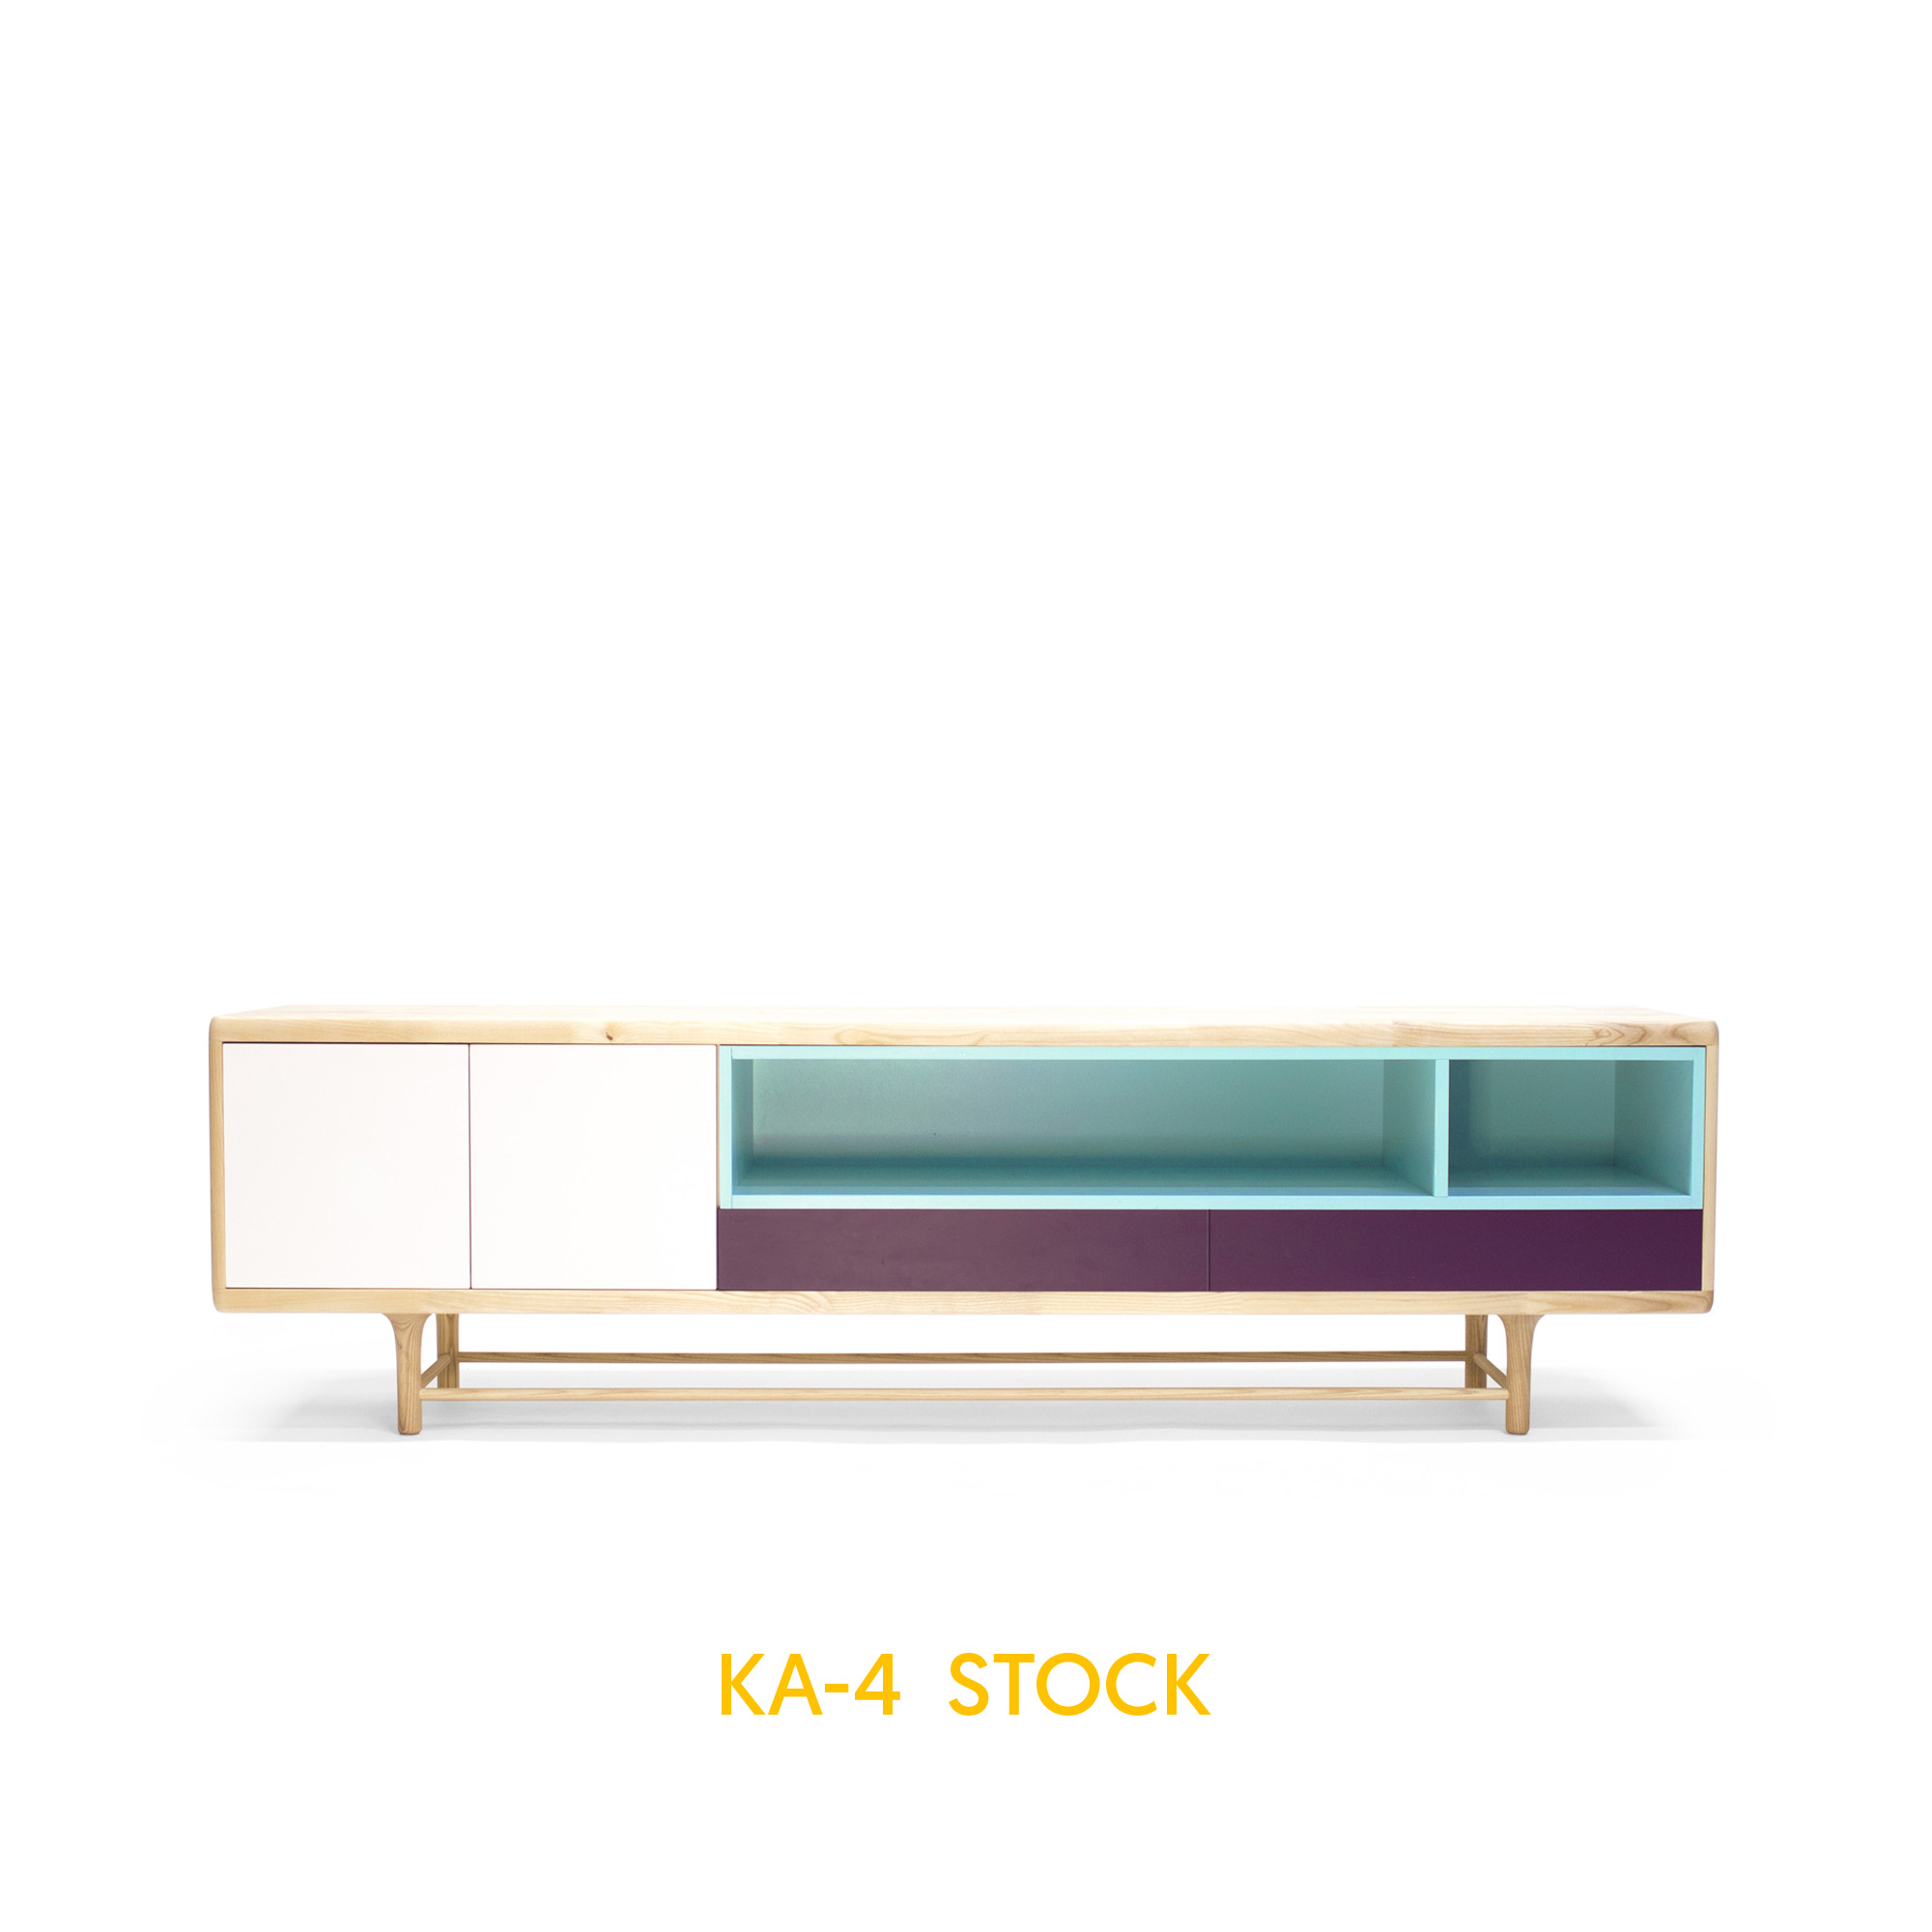 KA-4 STOCK.jpg